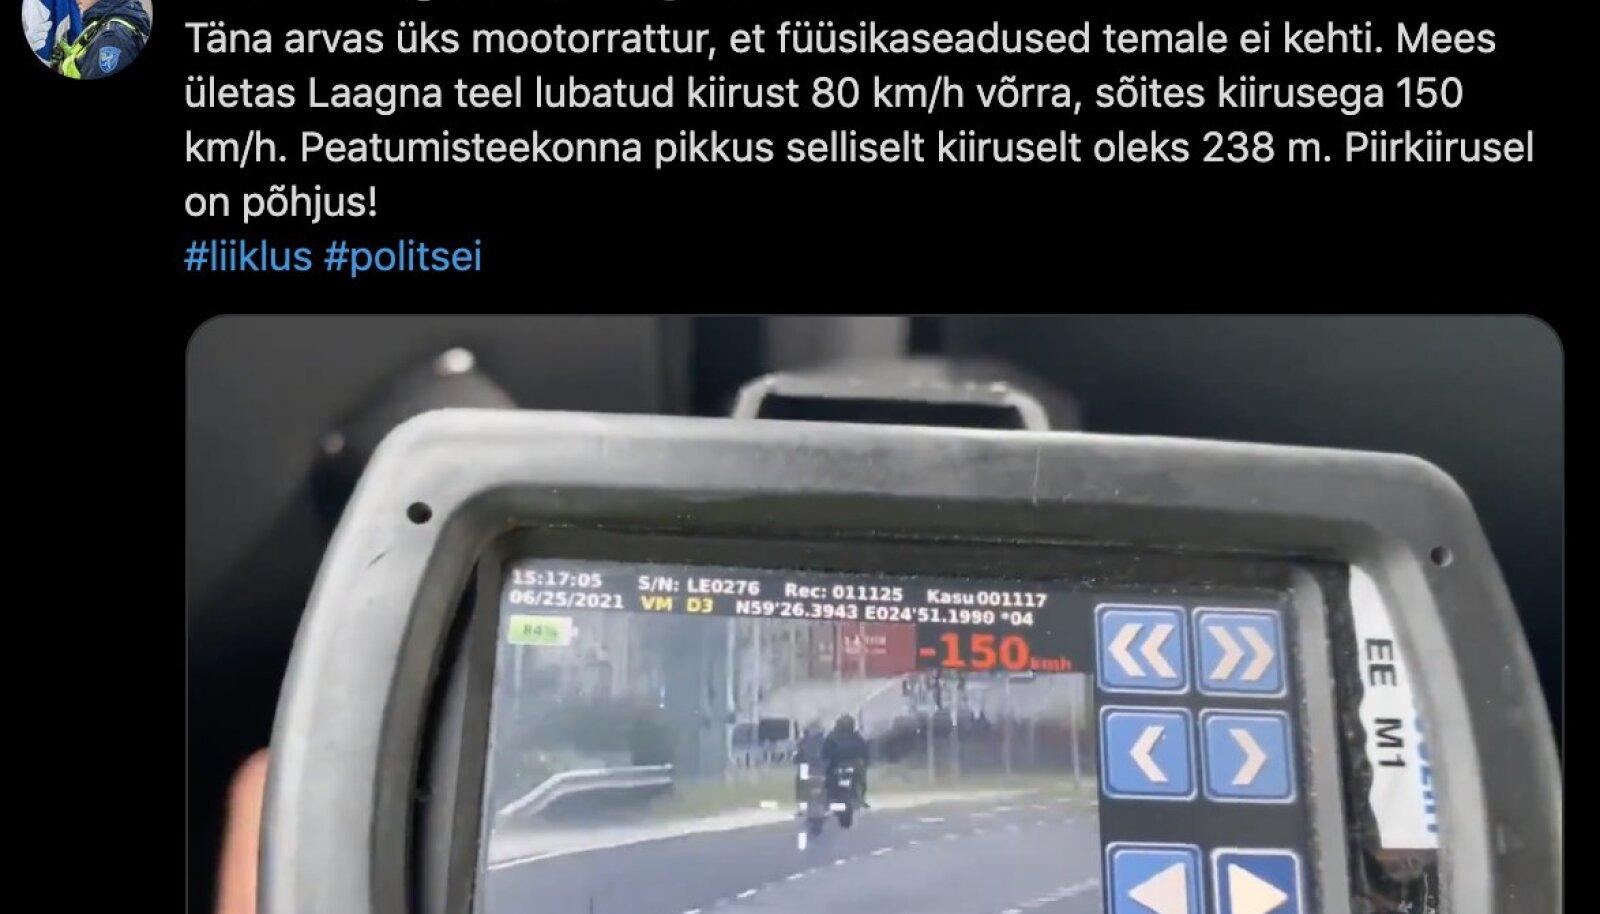 Videot jagas Twitteris liikluspolitseinik Vladimir Kägonen.